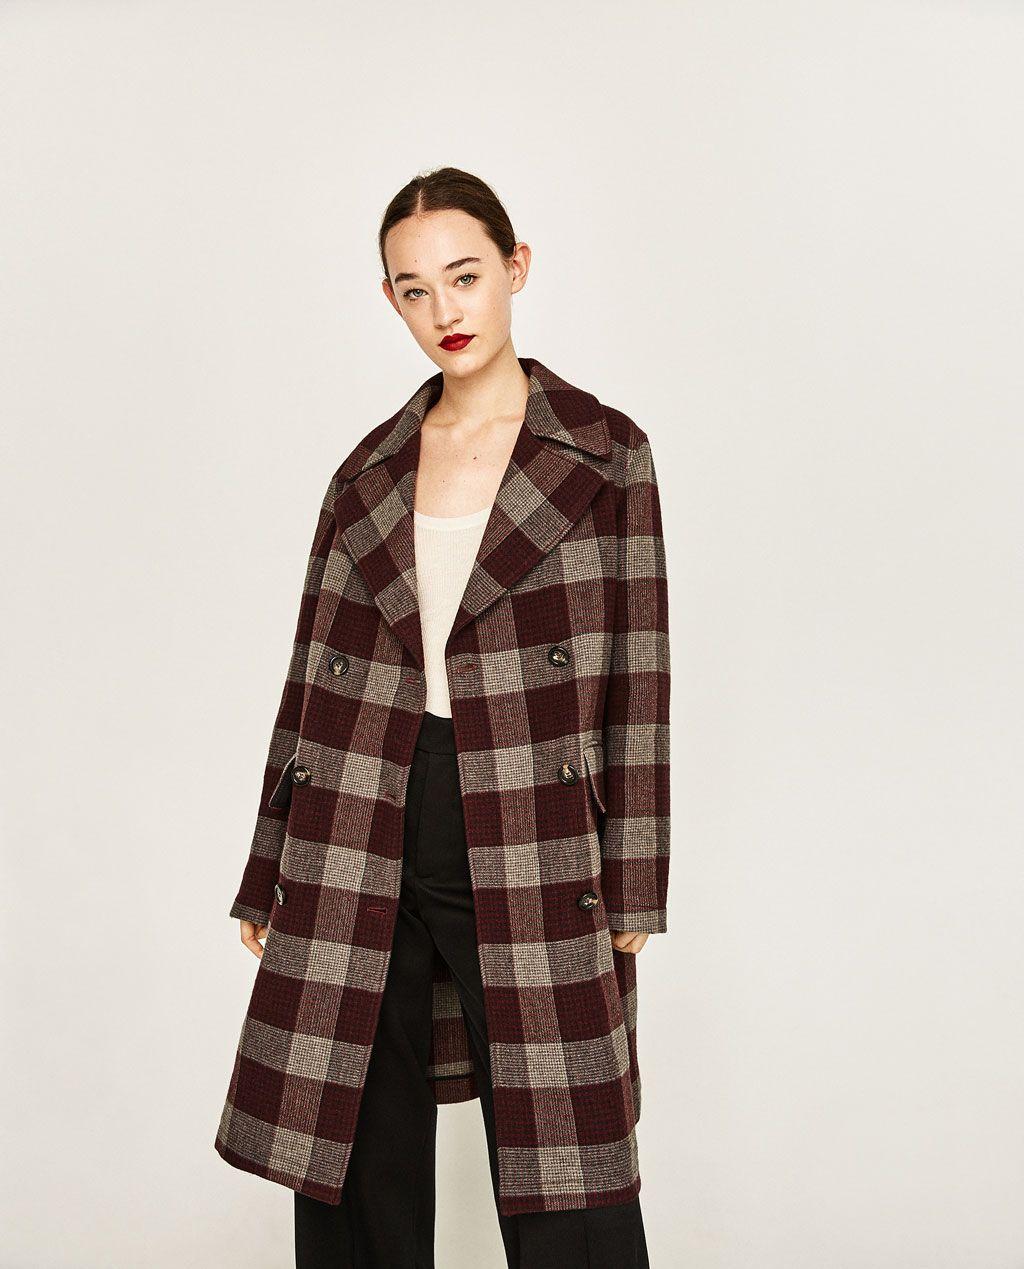 Zara Abrigo Abrigo Mujer Gris Gris Cuadros UYn8Wv